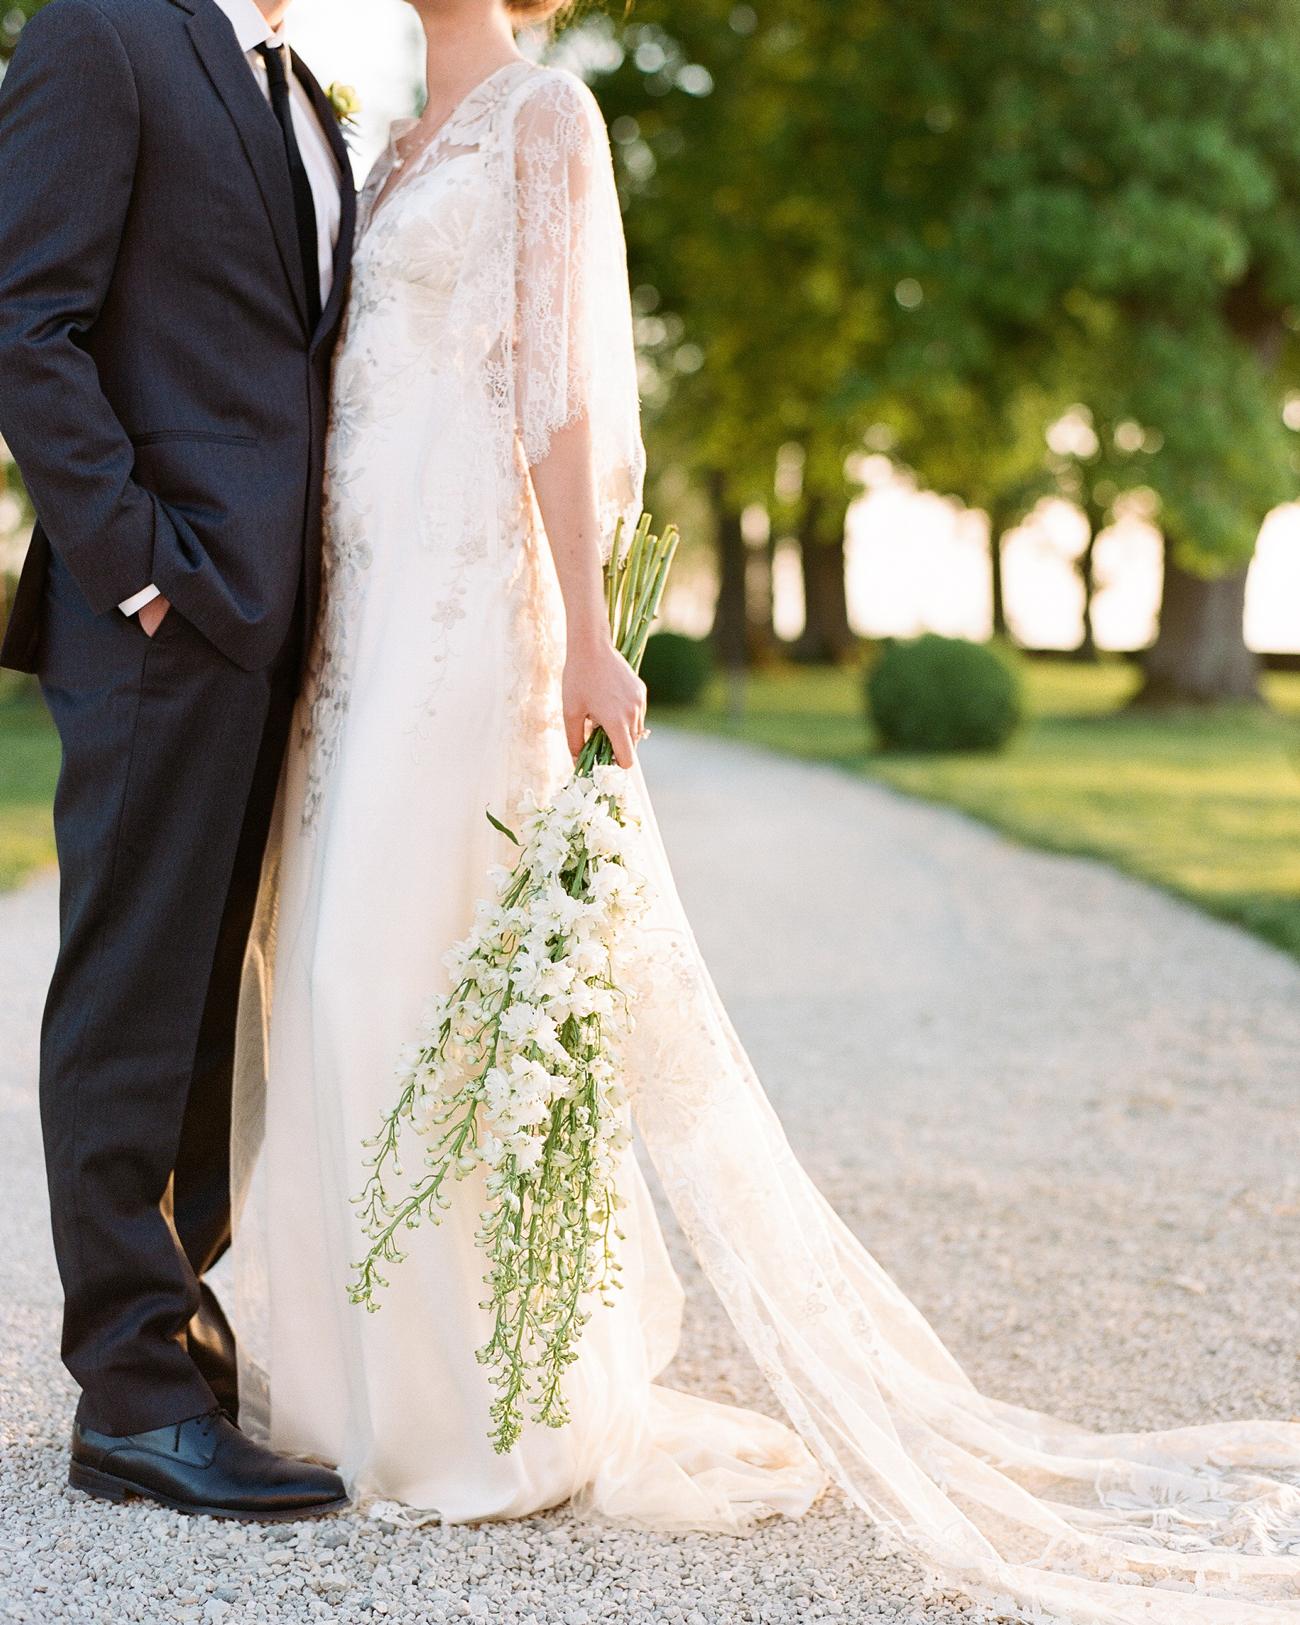 extra long stemmed white floral wedding bouquet arrangements